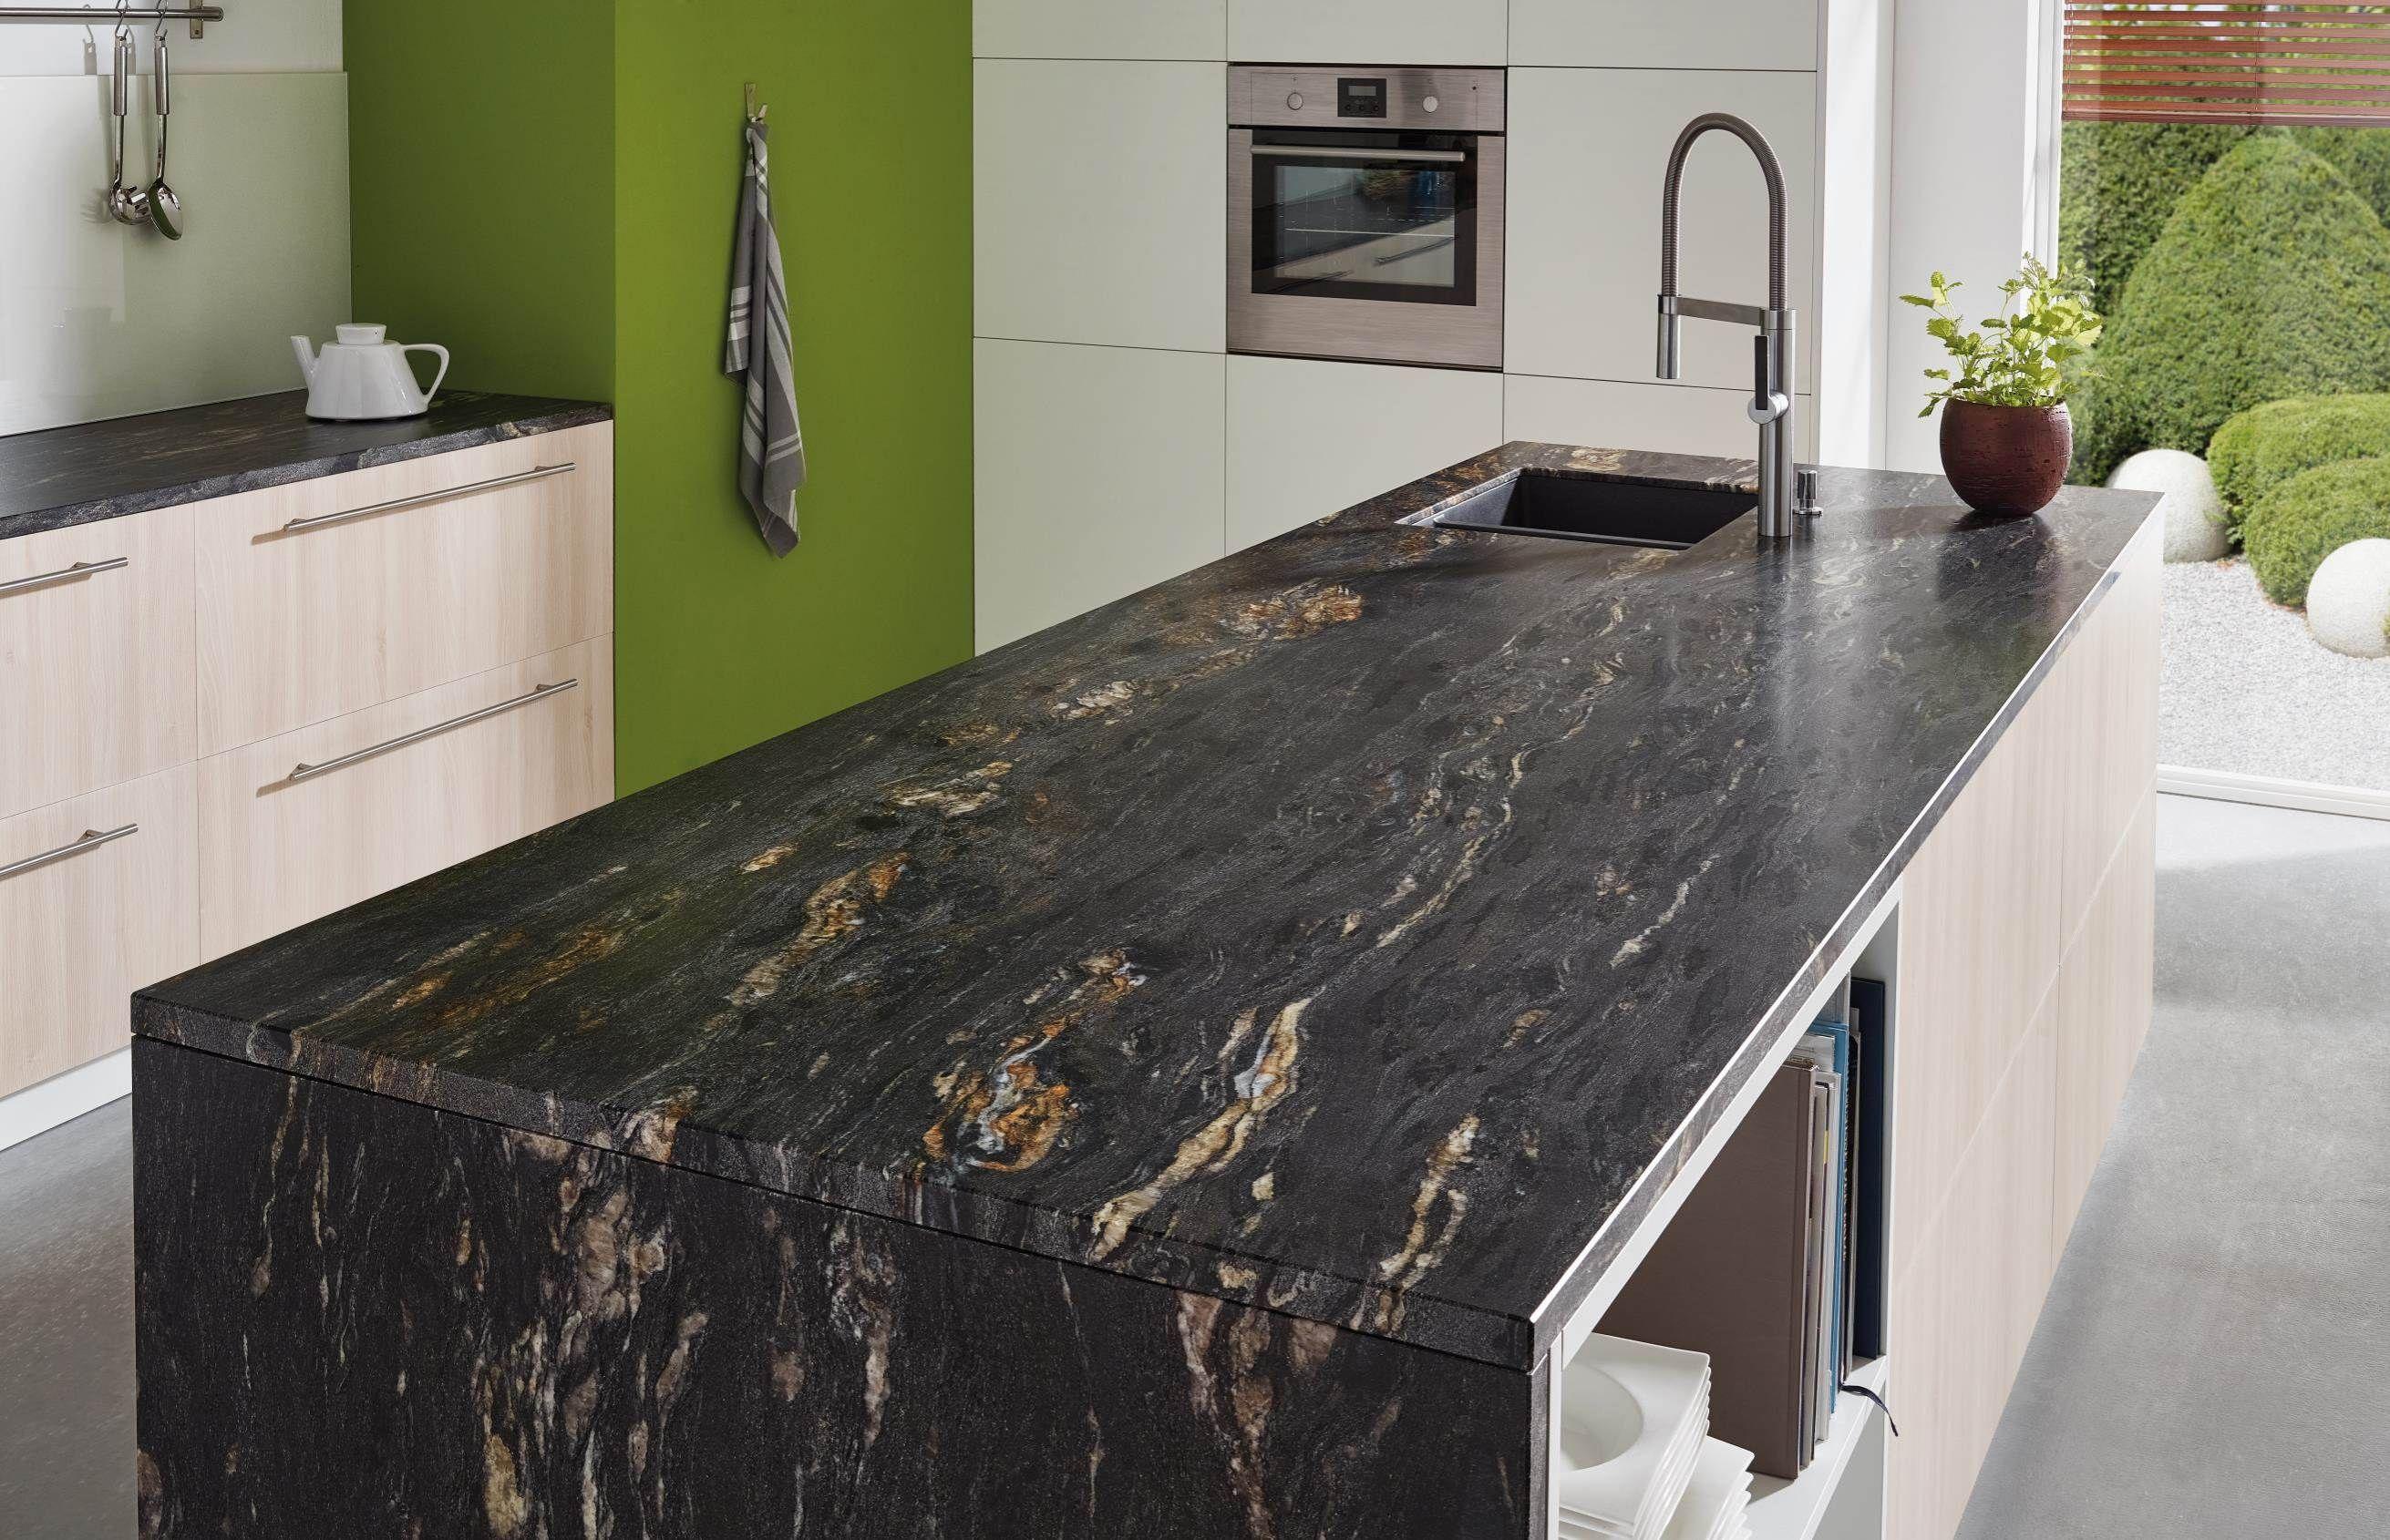 Lechner Kuchenarbeitsplatten Design Black Cosmic Schwarzer Granit Kuche Kuchendesign Kuche Gestalten